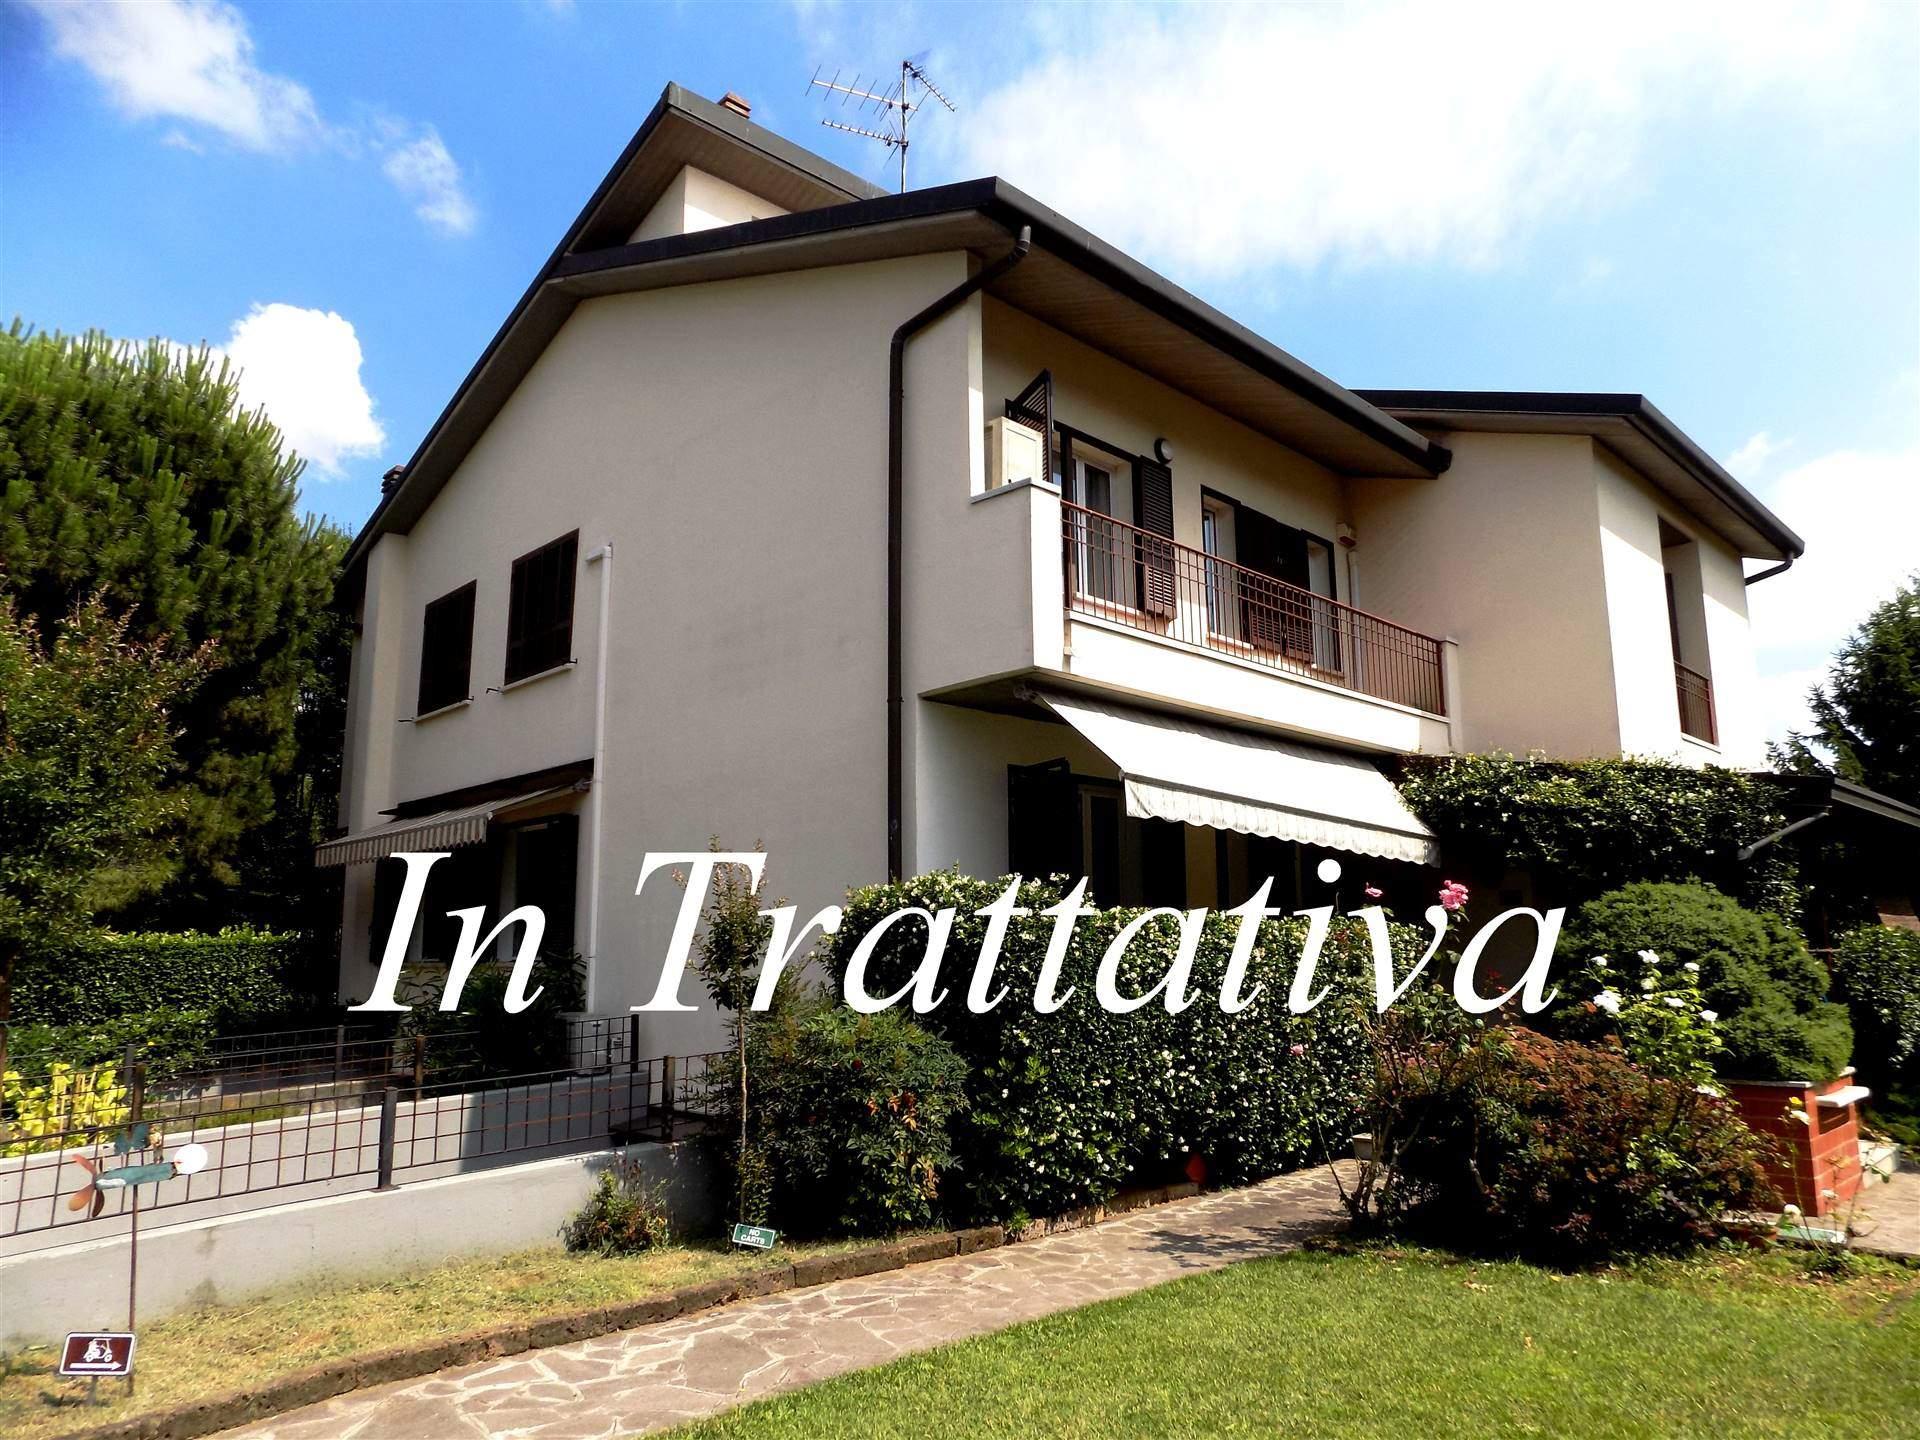 Villa in Vendita a Pioltello: 4 locali, 209 mq